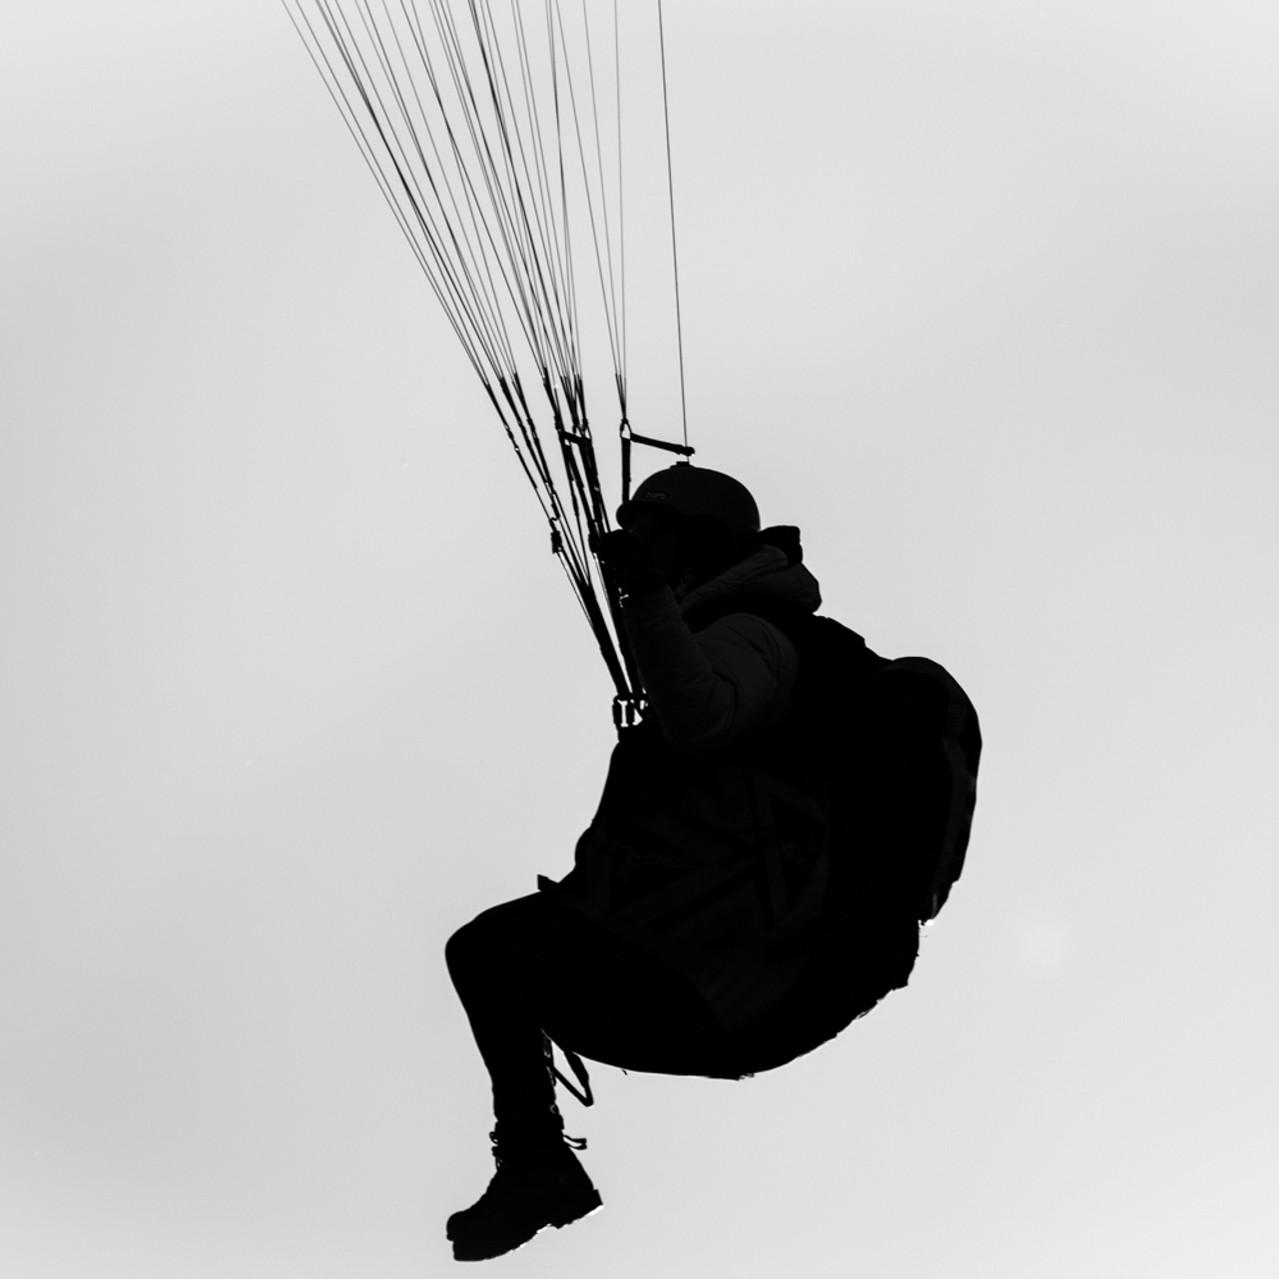 Minmal paraglidng